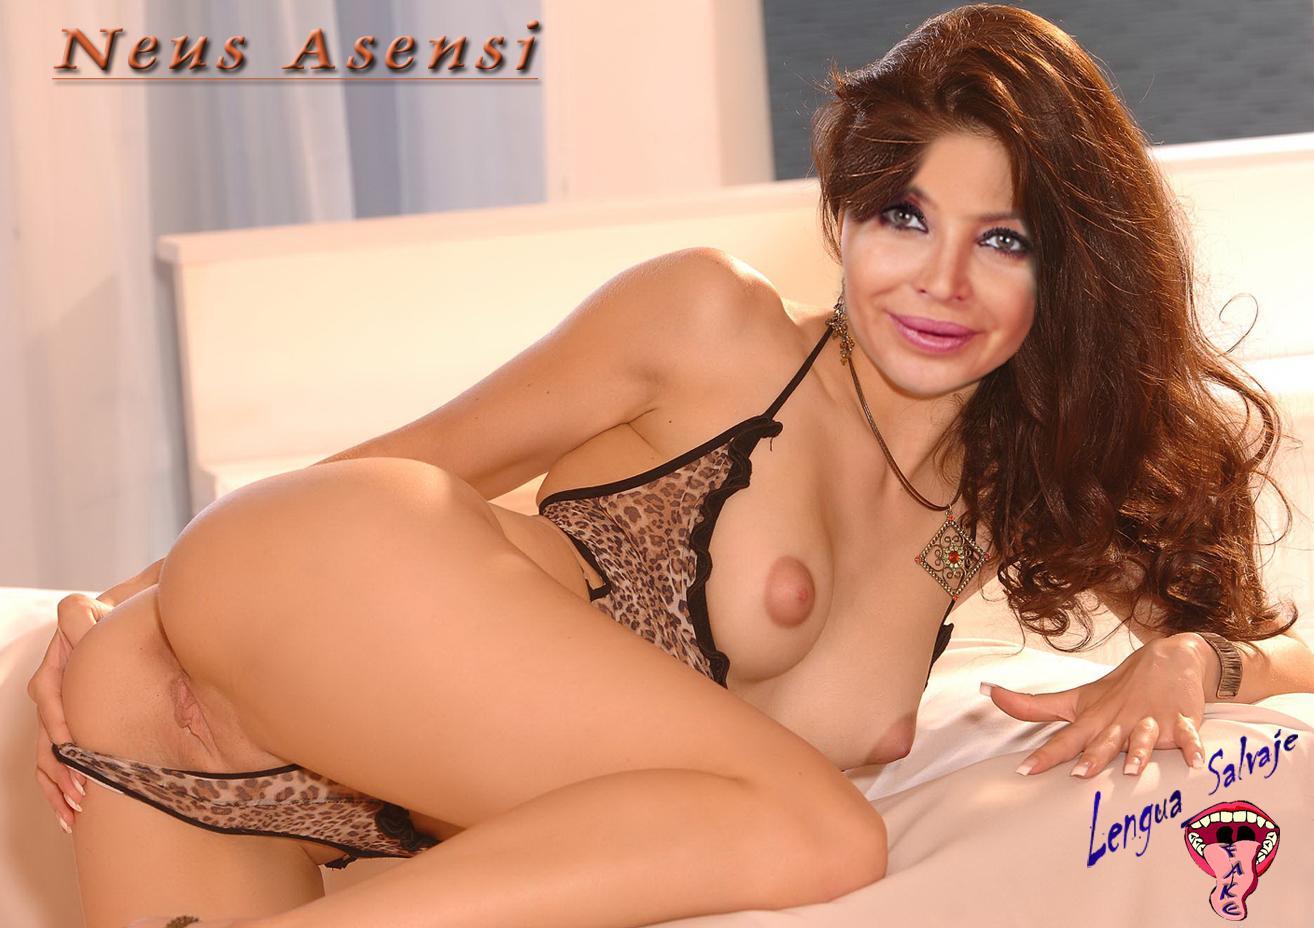 Эротика с анной седоковой, Сексуальная брюнетка Анна Седокова » Эротика фото 2 фотография